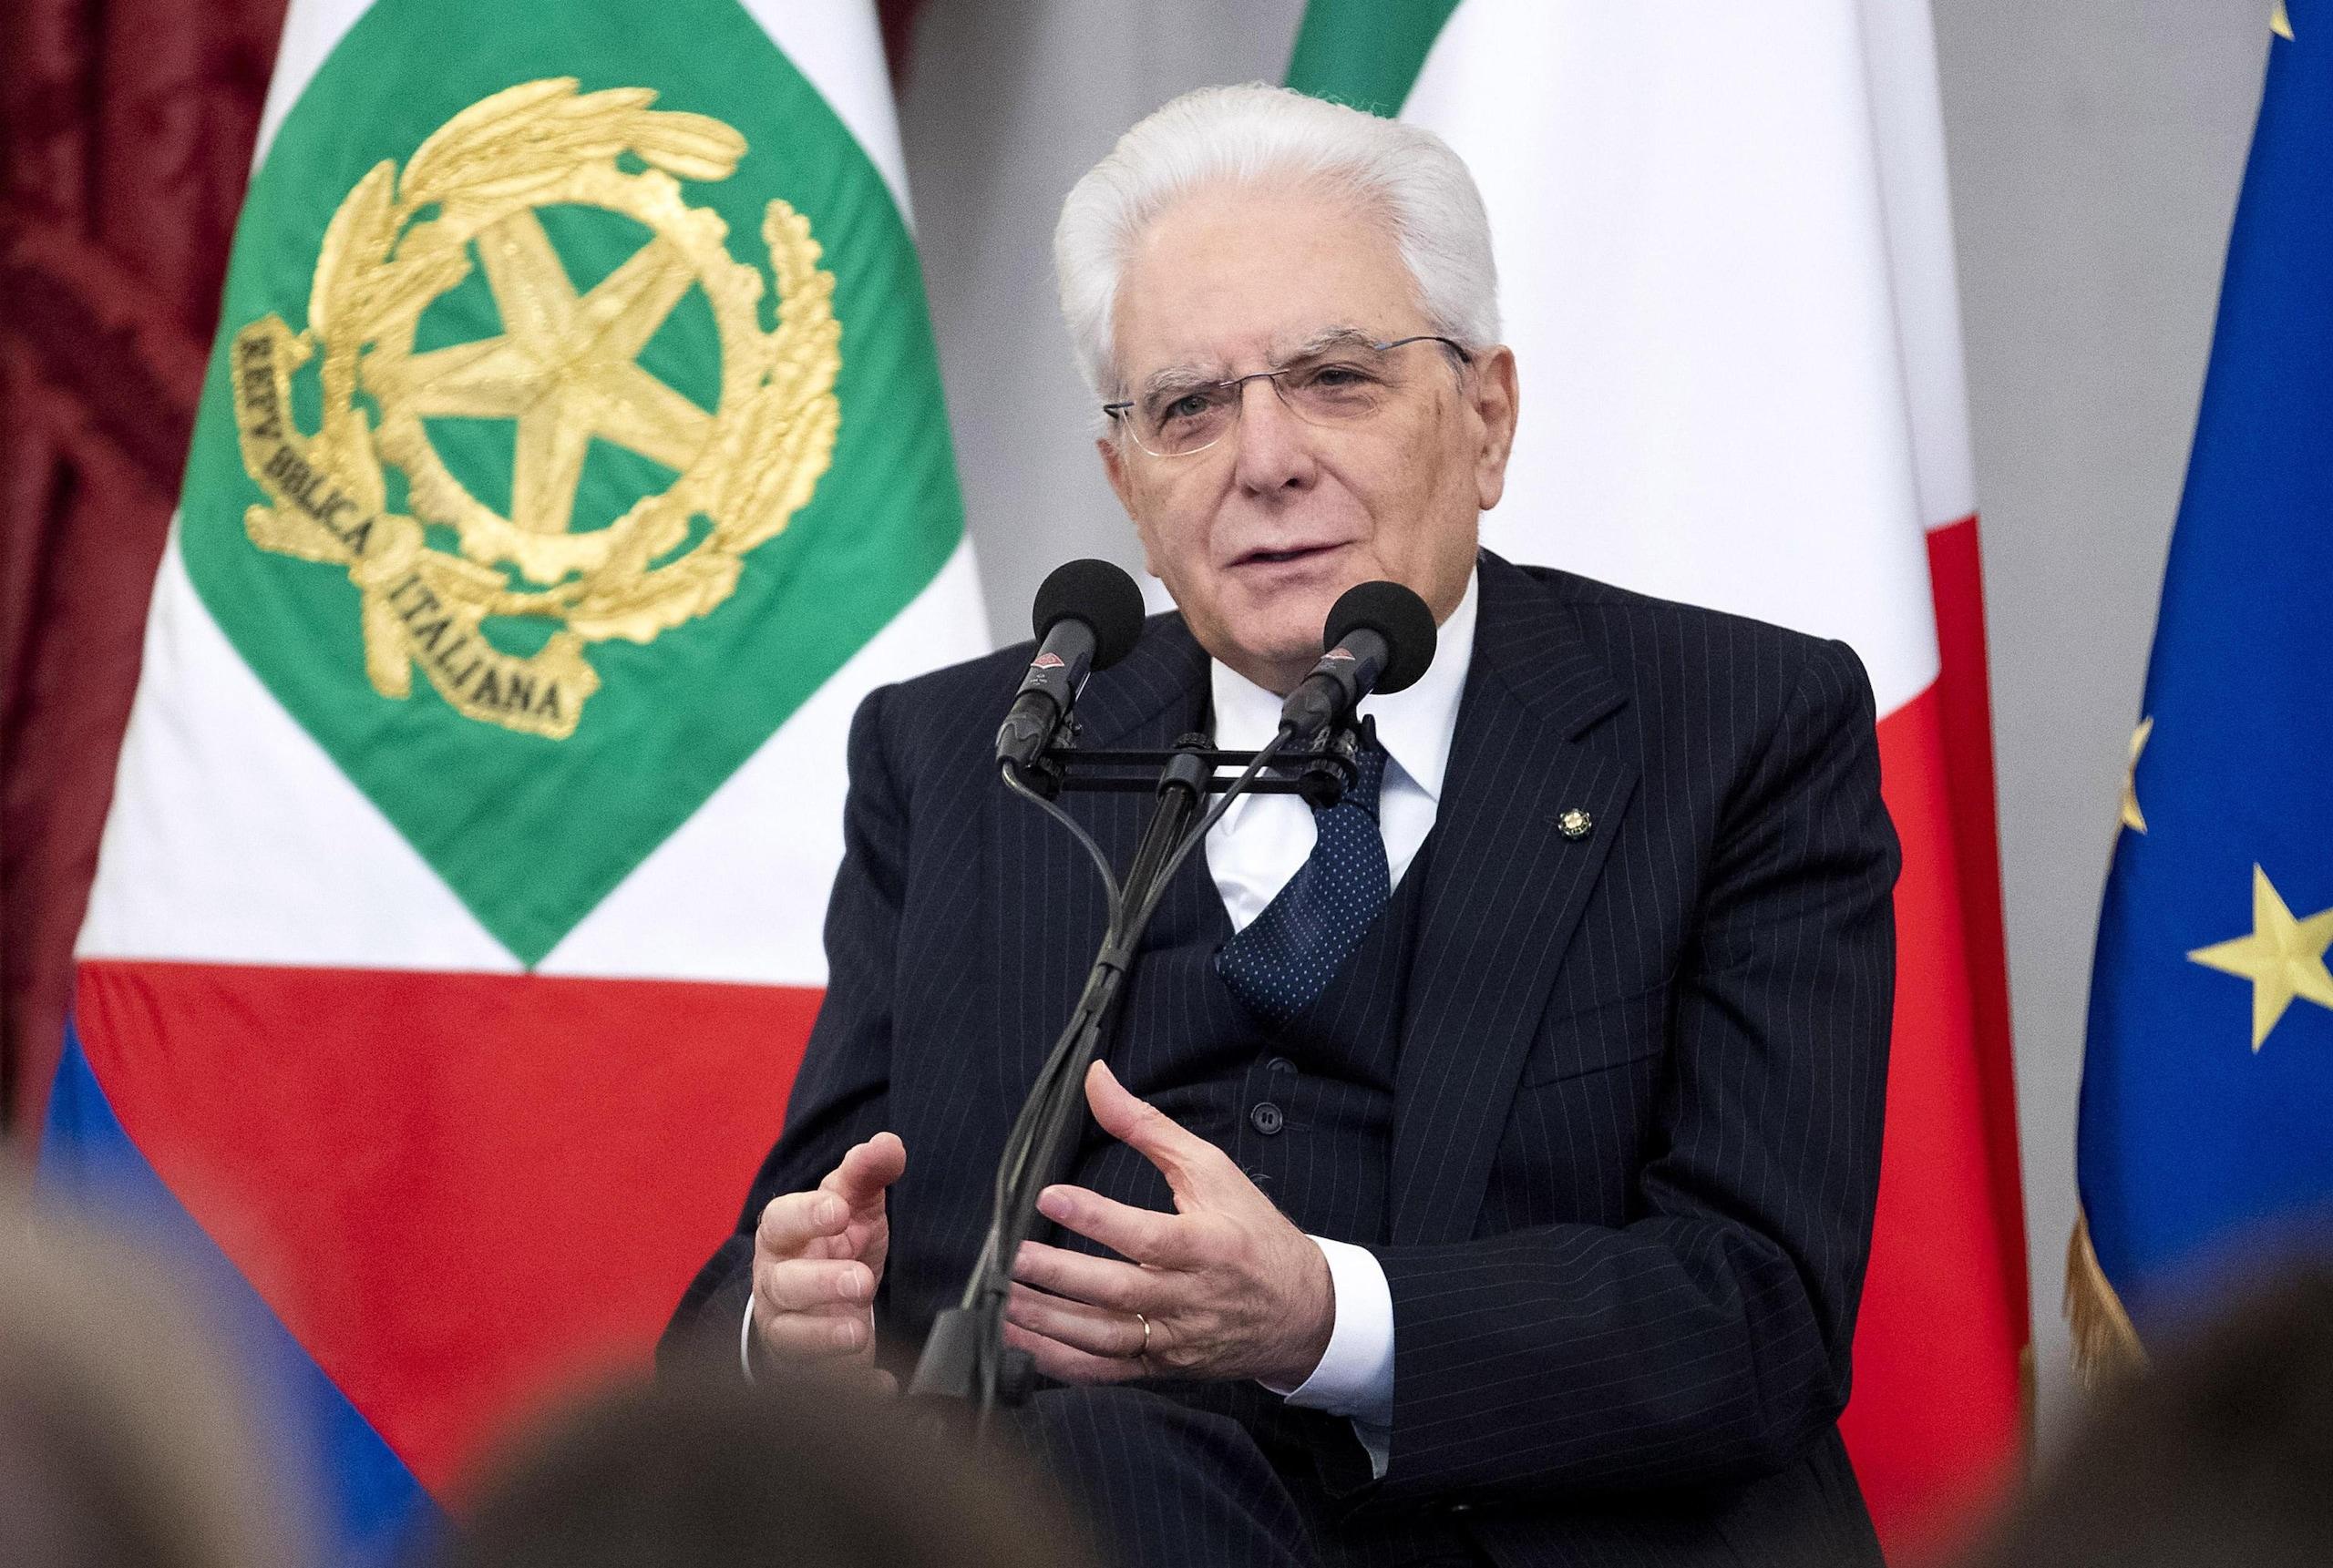 25 aprile:Mattarella, ritorno a libertà